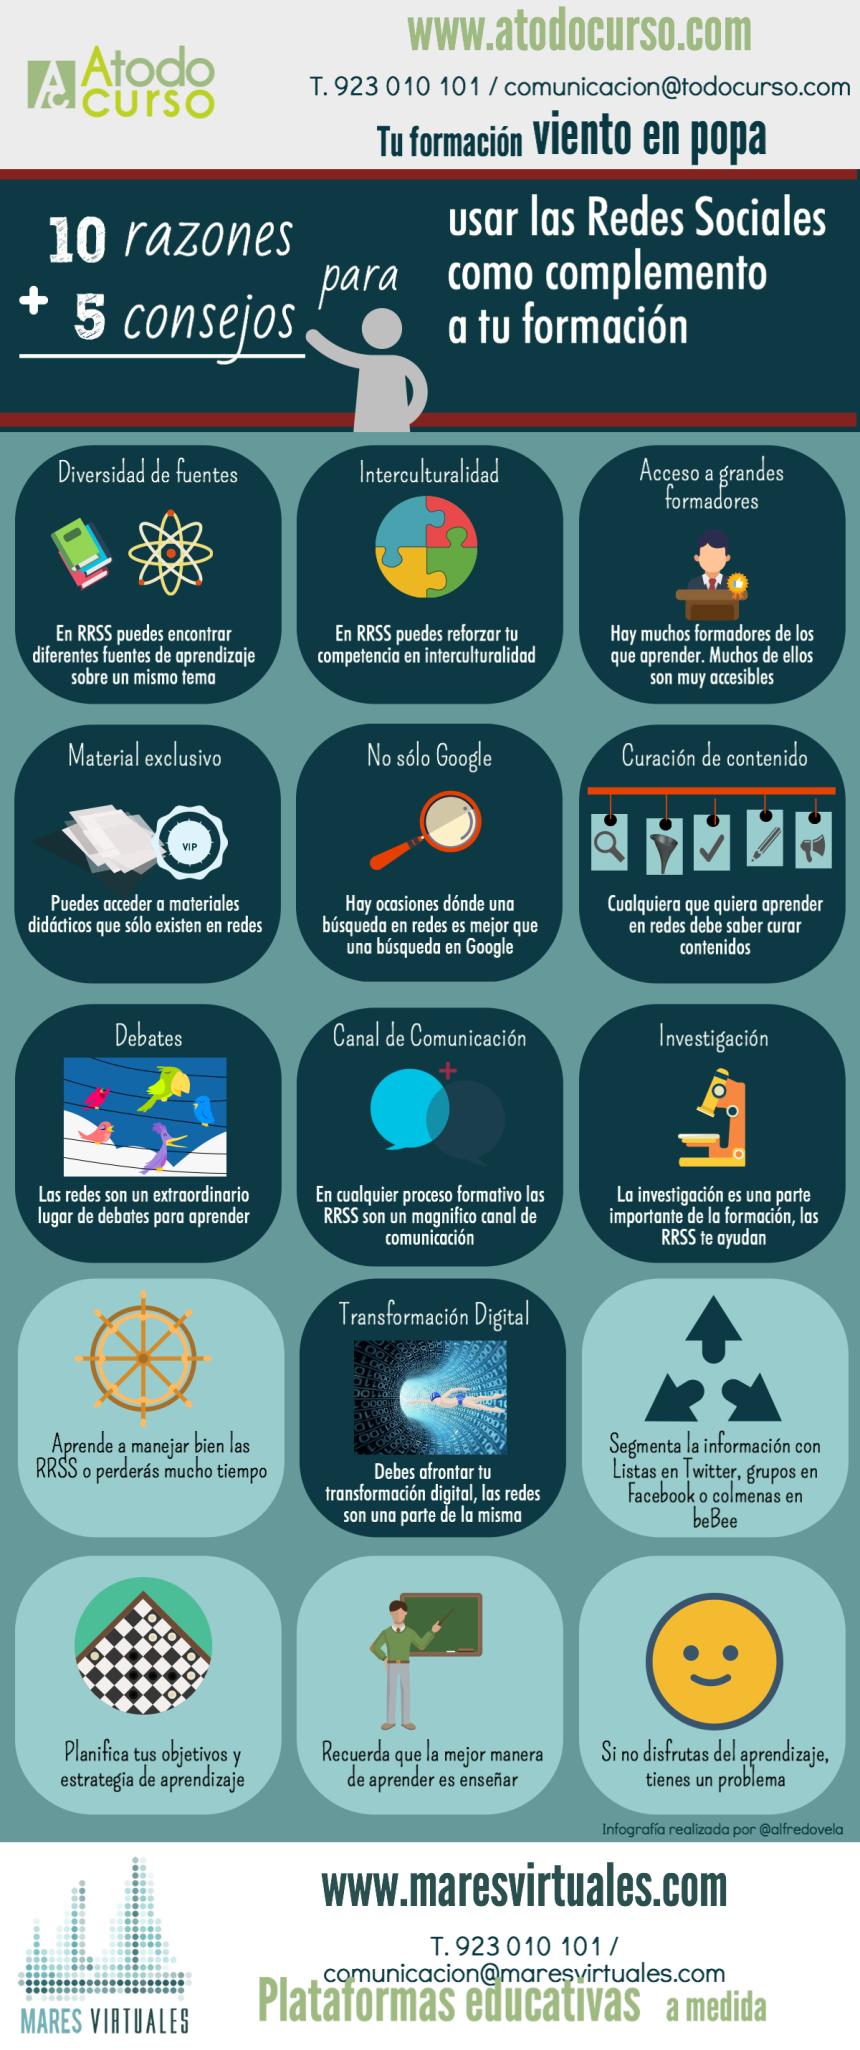 10 razones + 5 consejos para usar Redes Sociales en tu formación